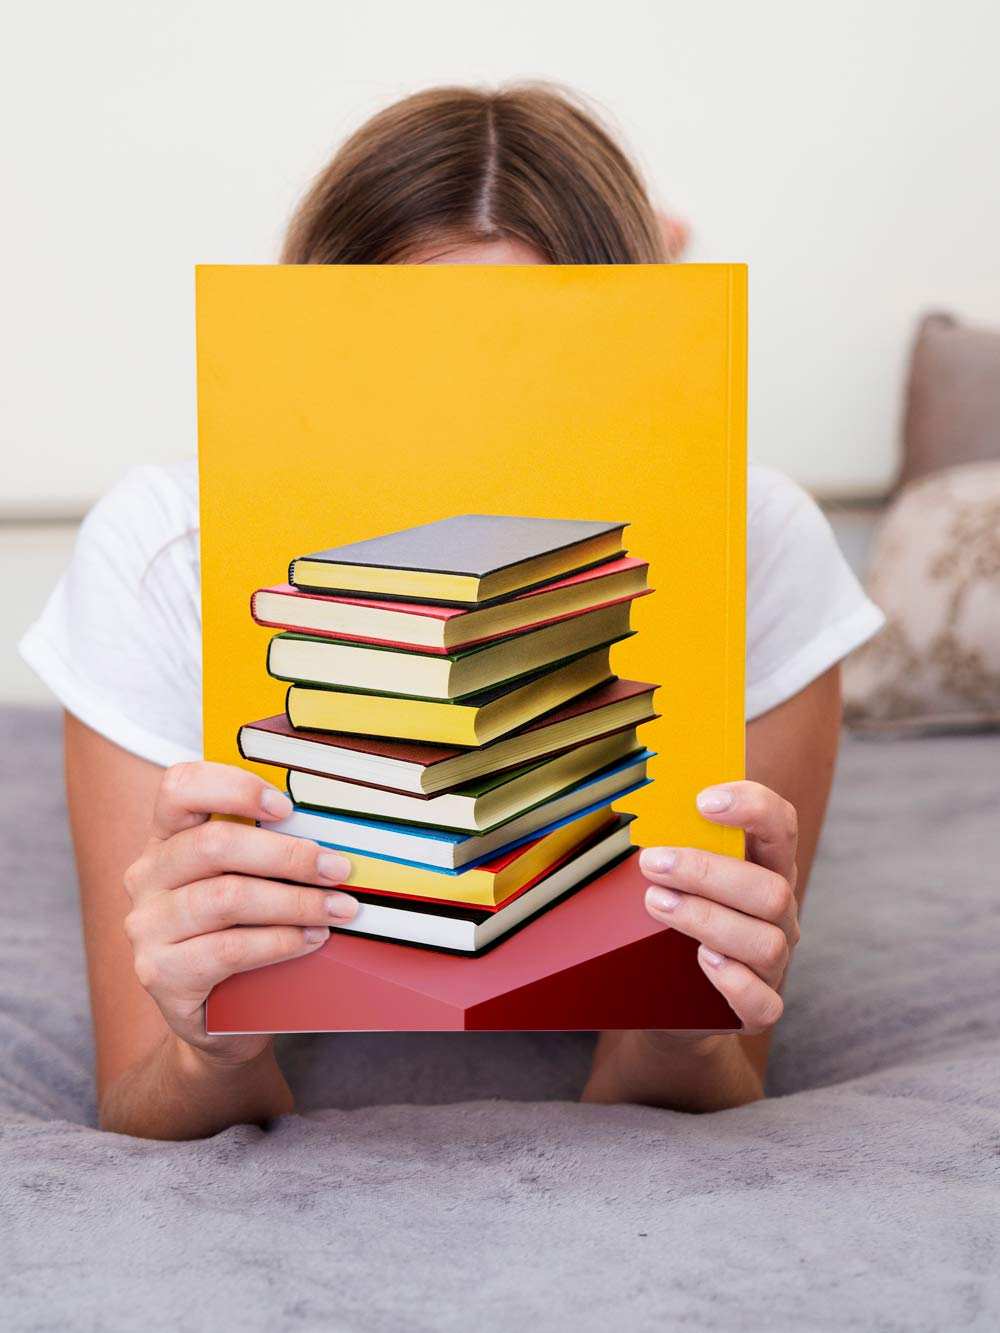 10 illustration books 100 - کتاب آموزش تصویرسازی